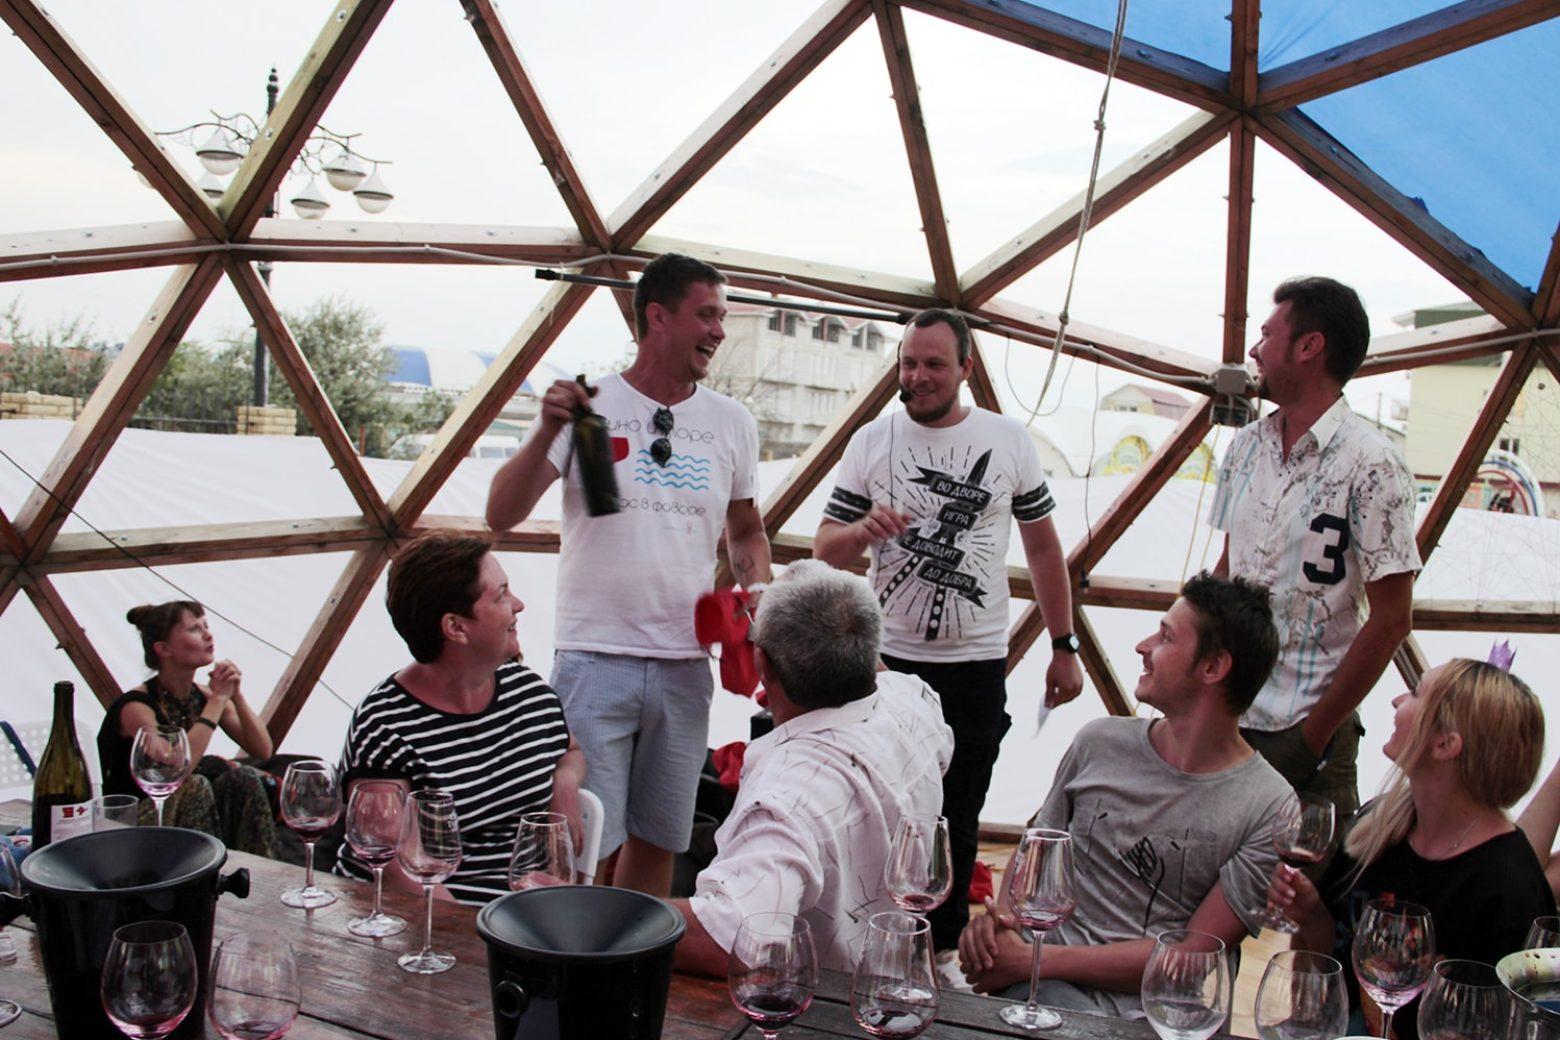 Вскрытие очередного образца. Слева направо – Сергей Невский, Алексей Чернега, Игорь Ершов